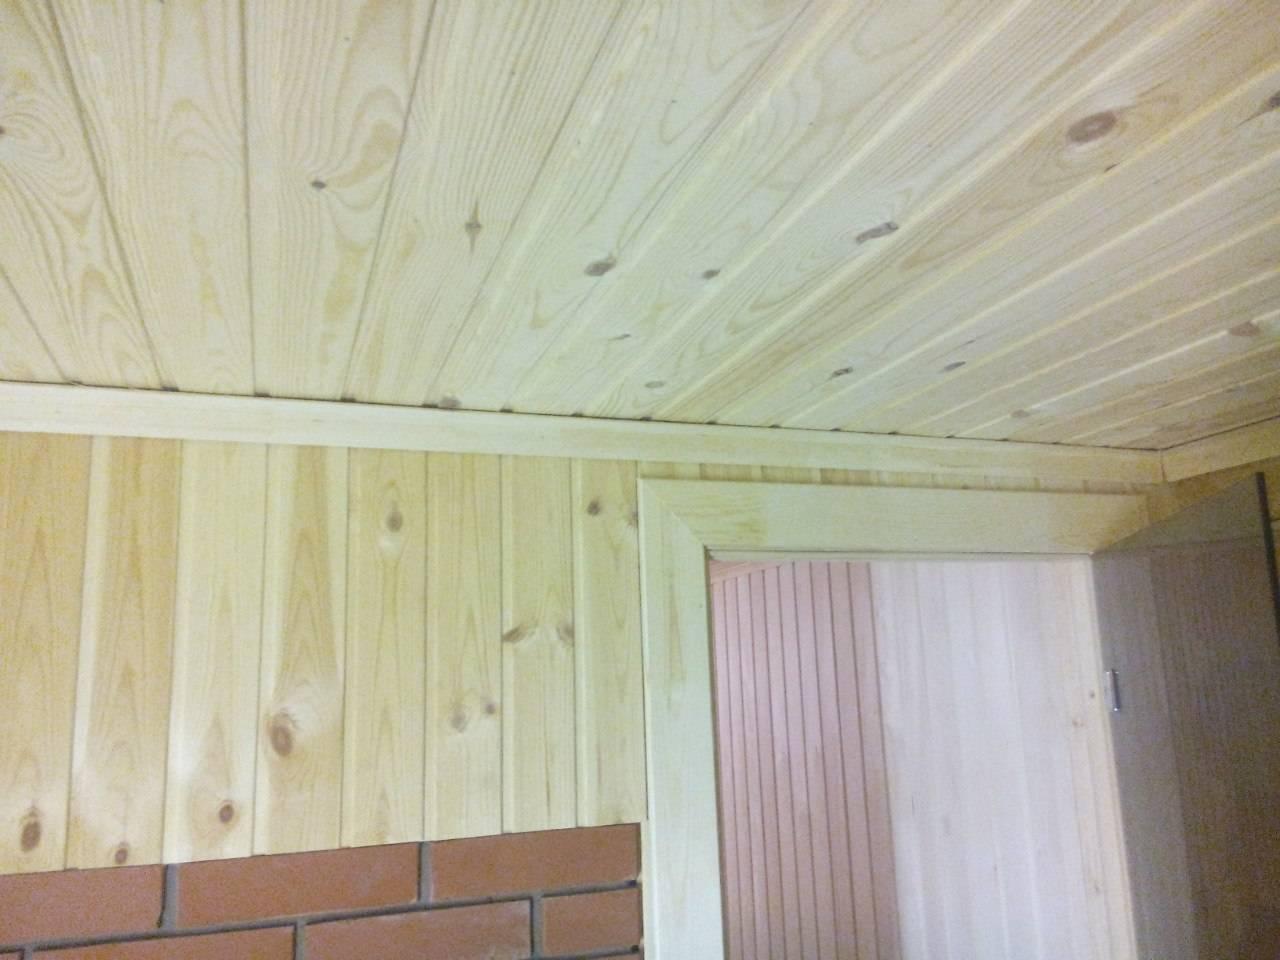 Обшивка и монтаж вагонки на потолок своими руками и стоимость работы